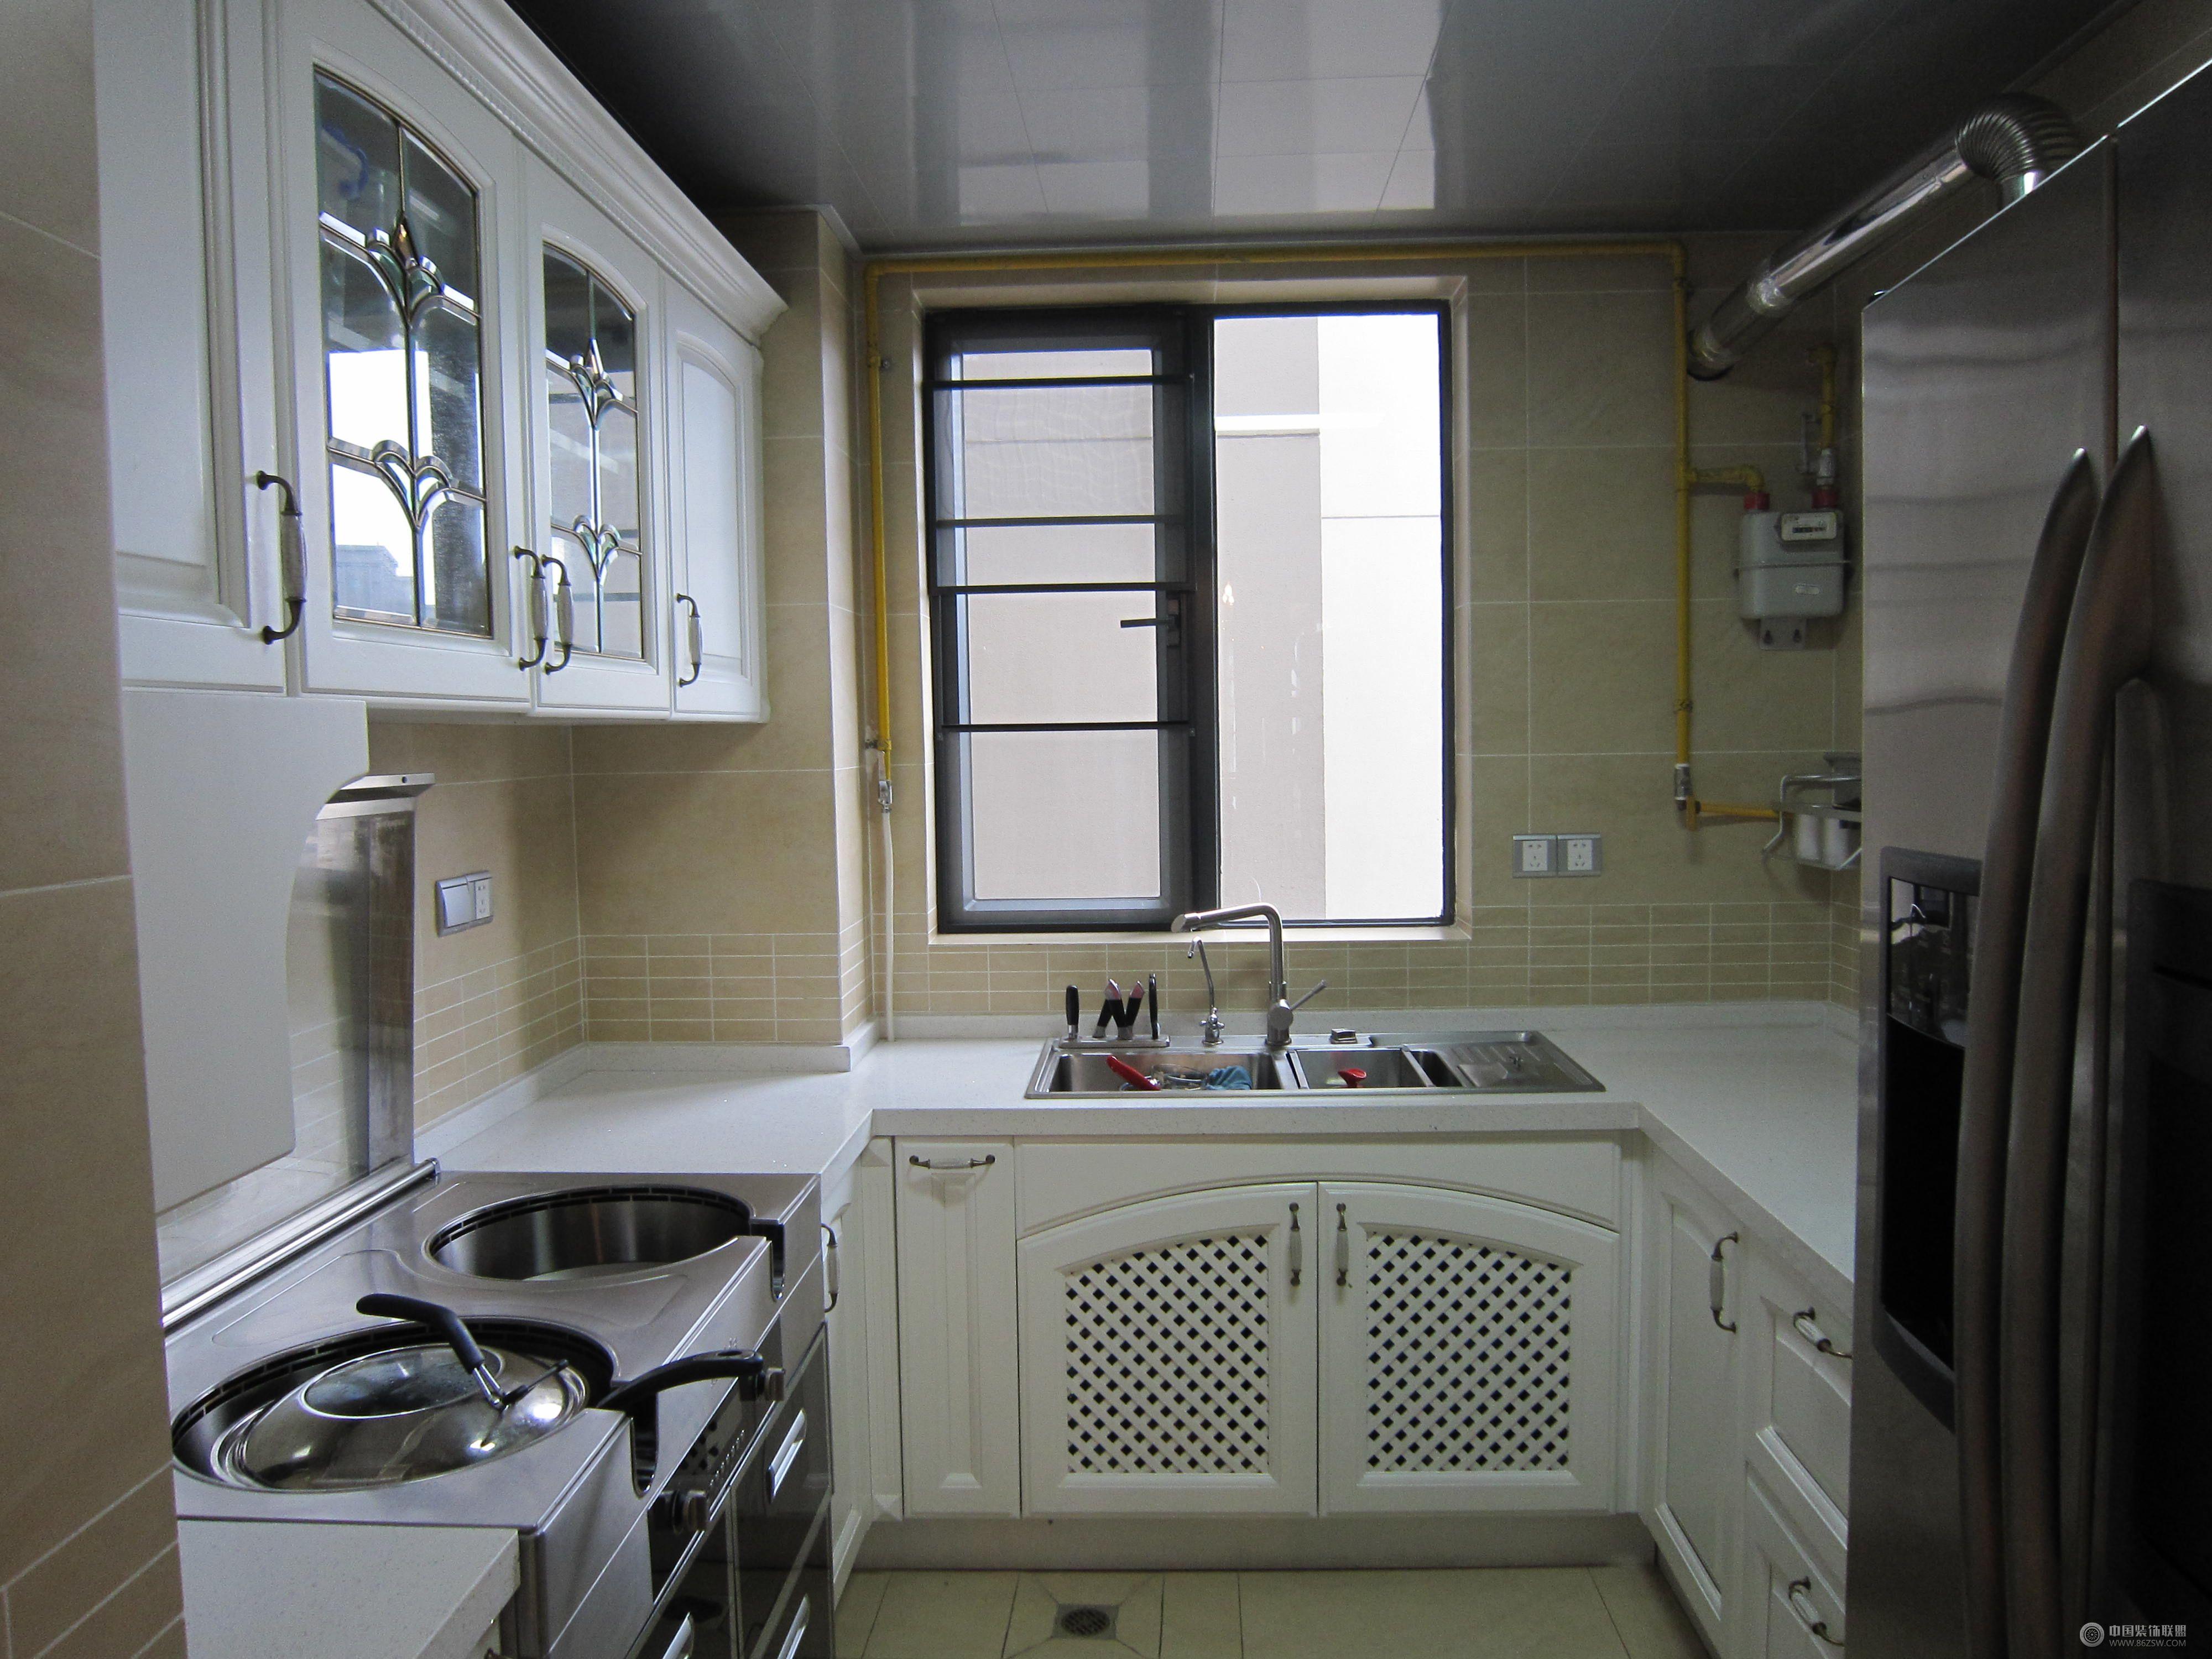 欧式三室两厅-厨房装修效果图-八六(中国)装饰联盟